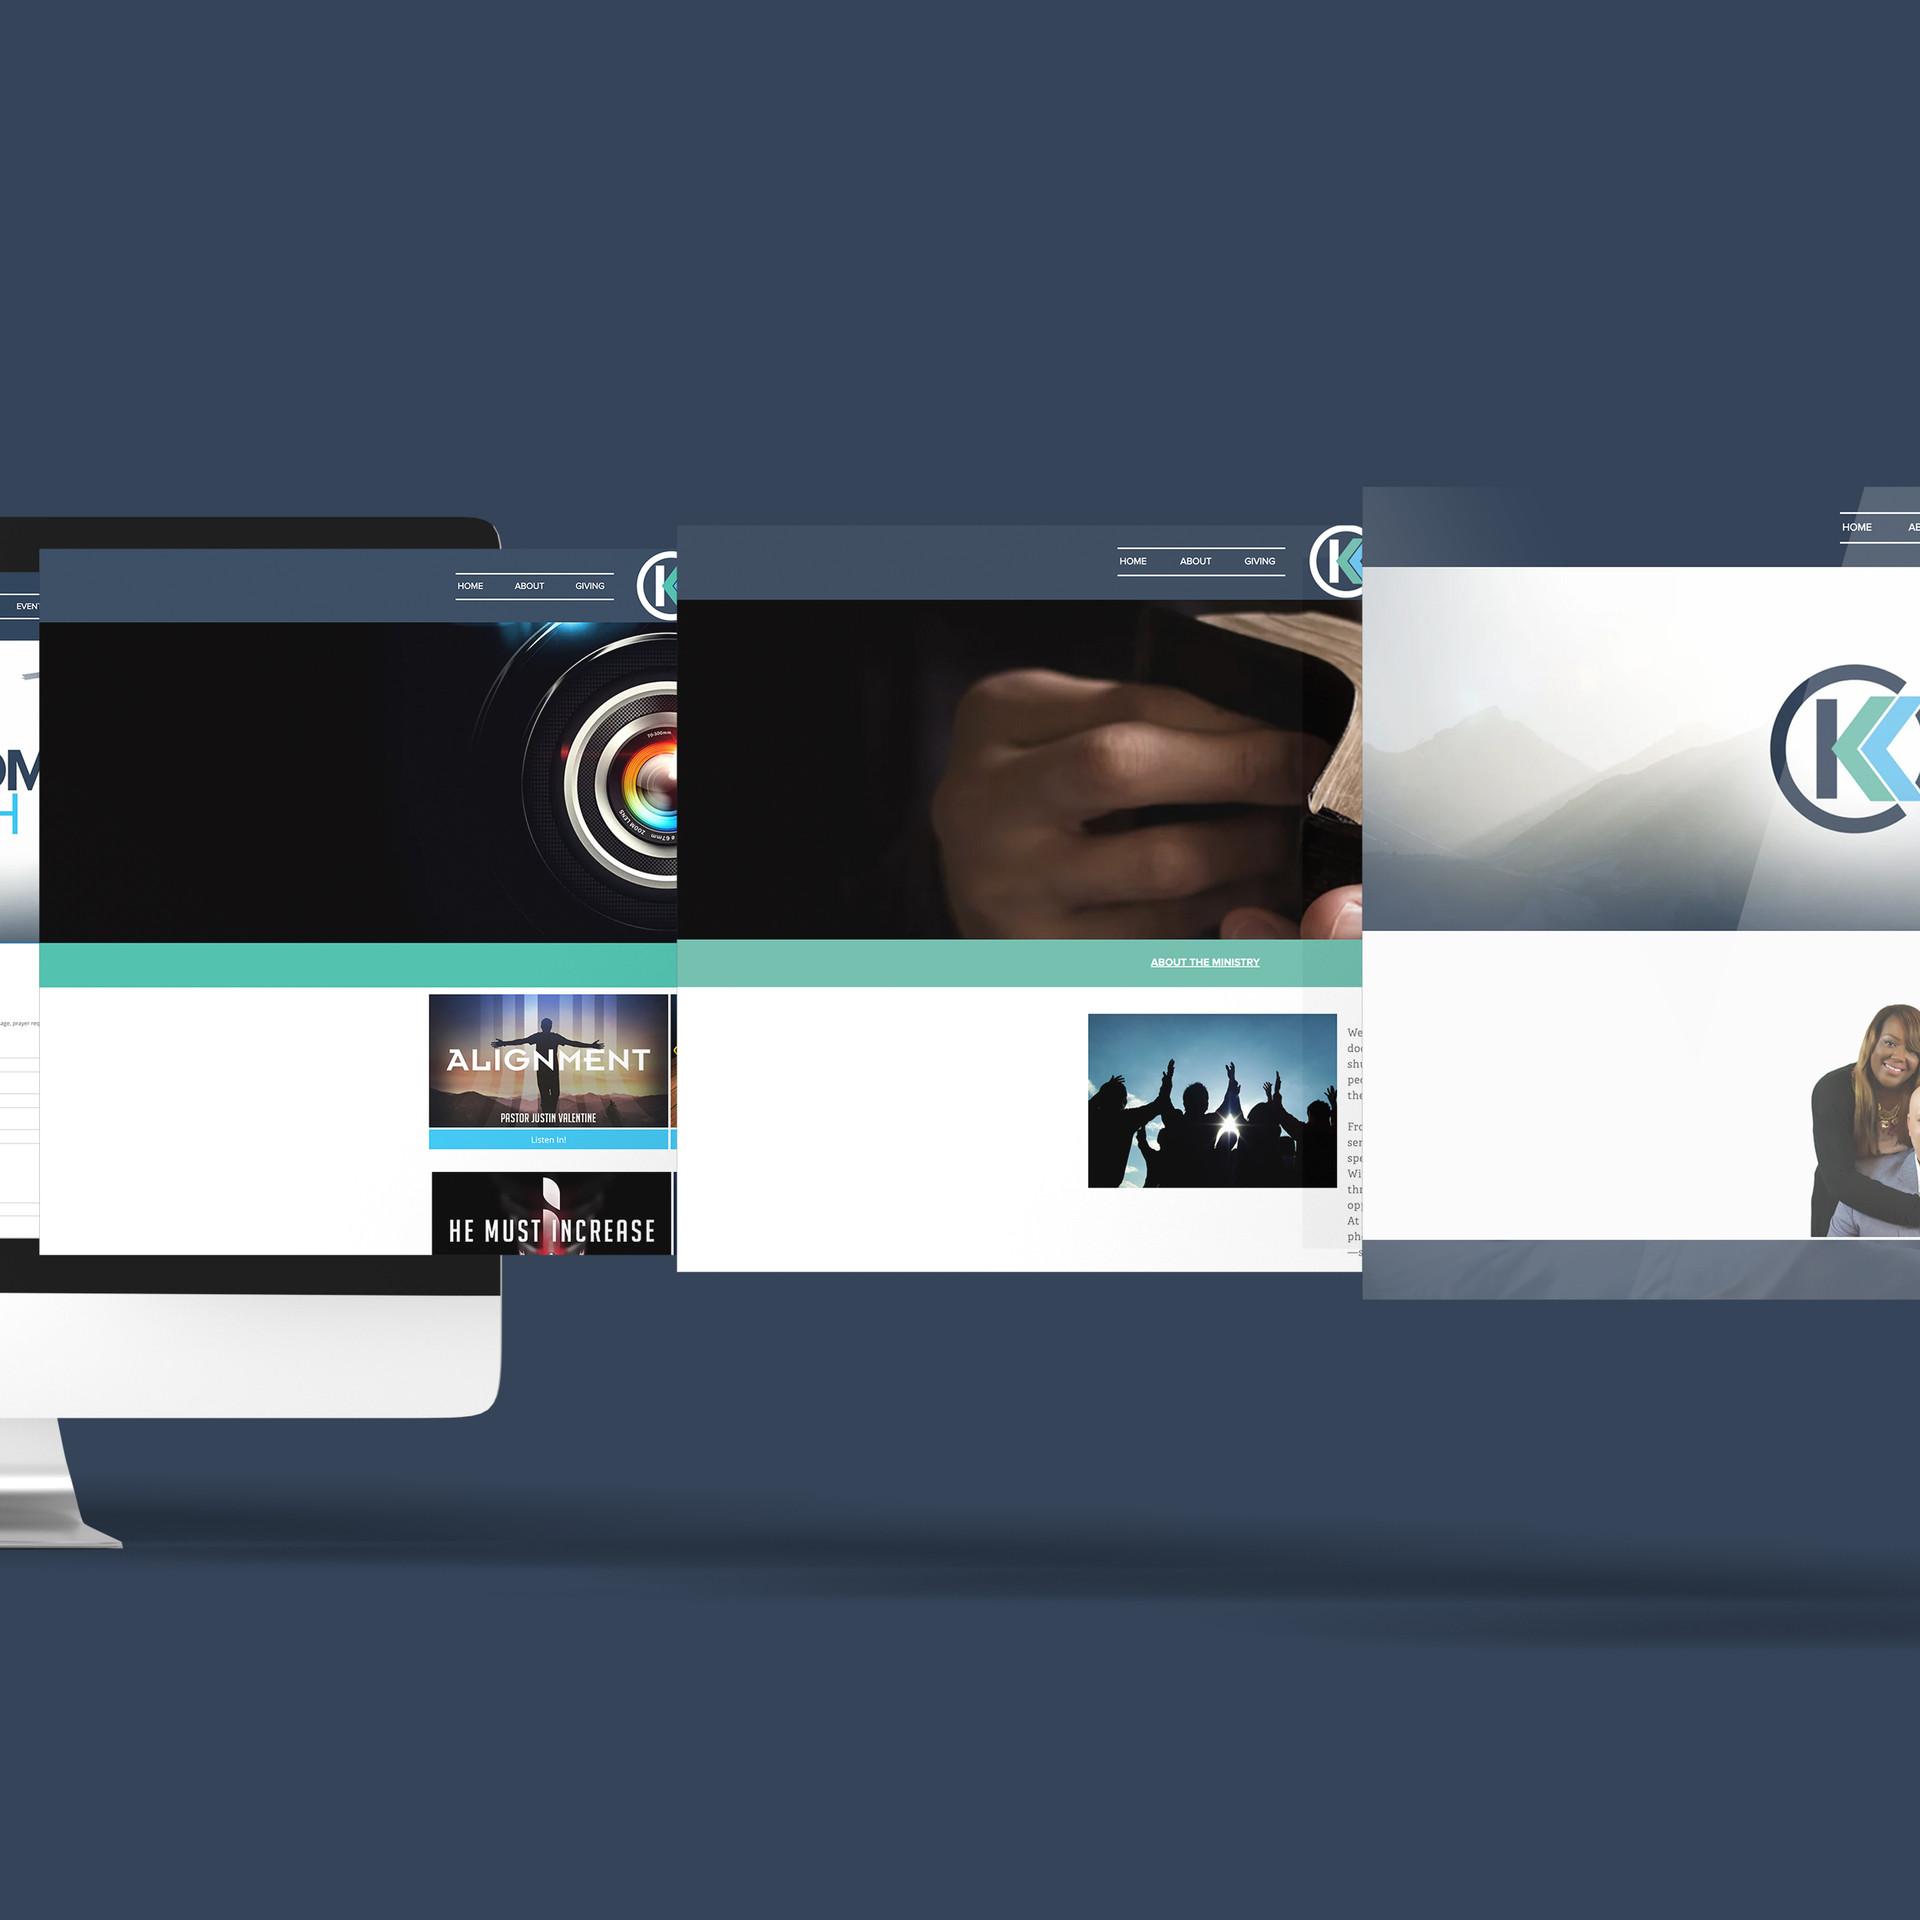 KLC Web Pages